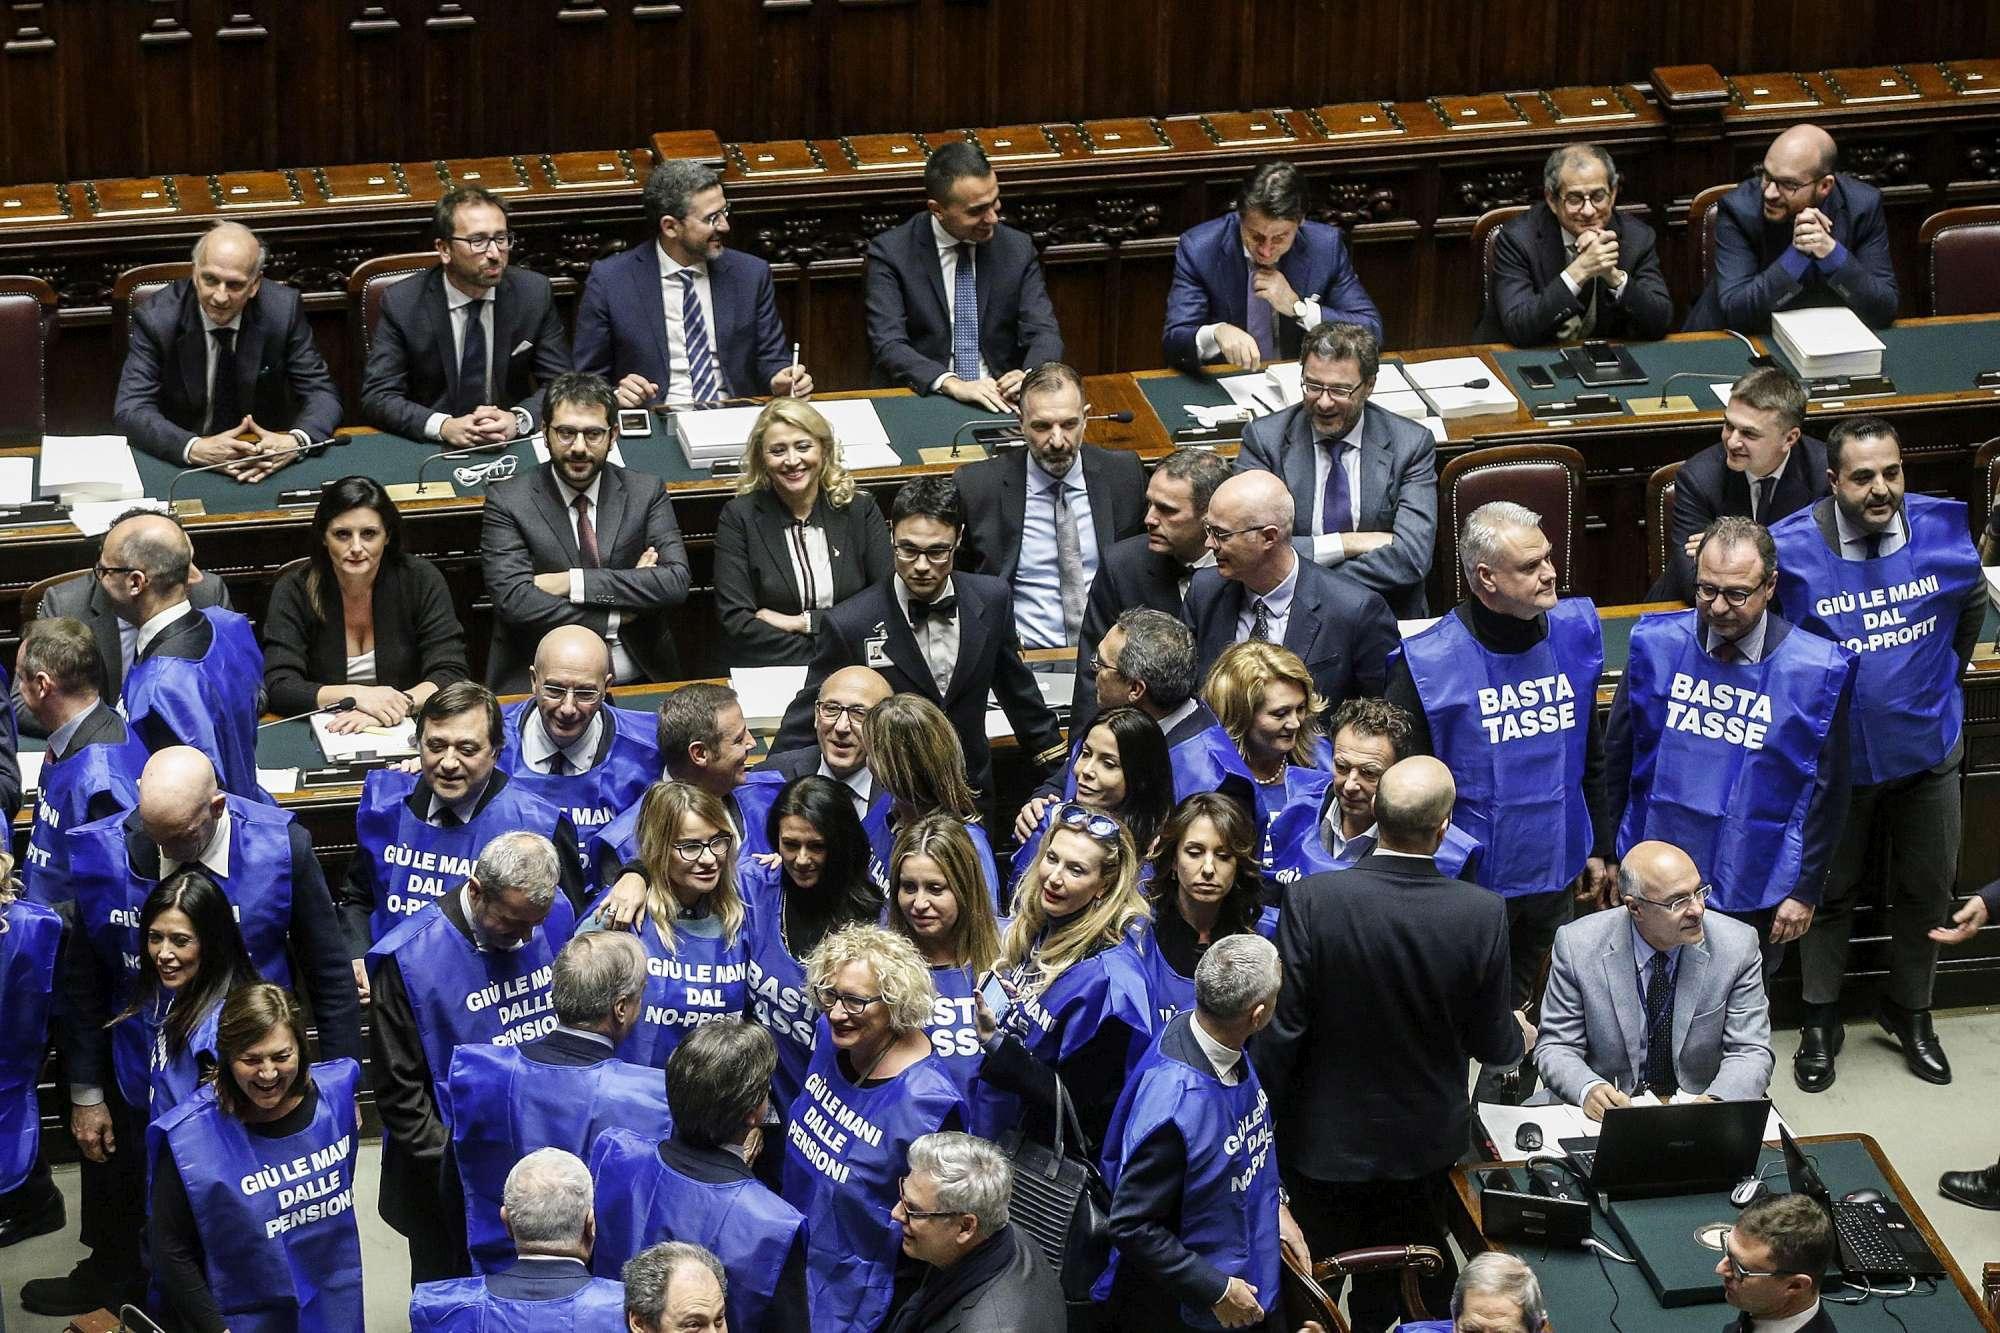 Manovra, protesta di Forza Italia alla Camera con gilet azzurri:  Basta tasse